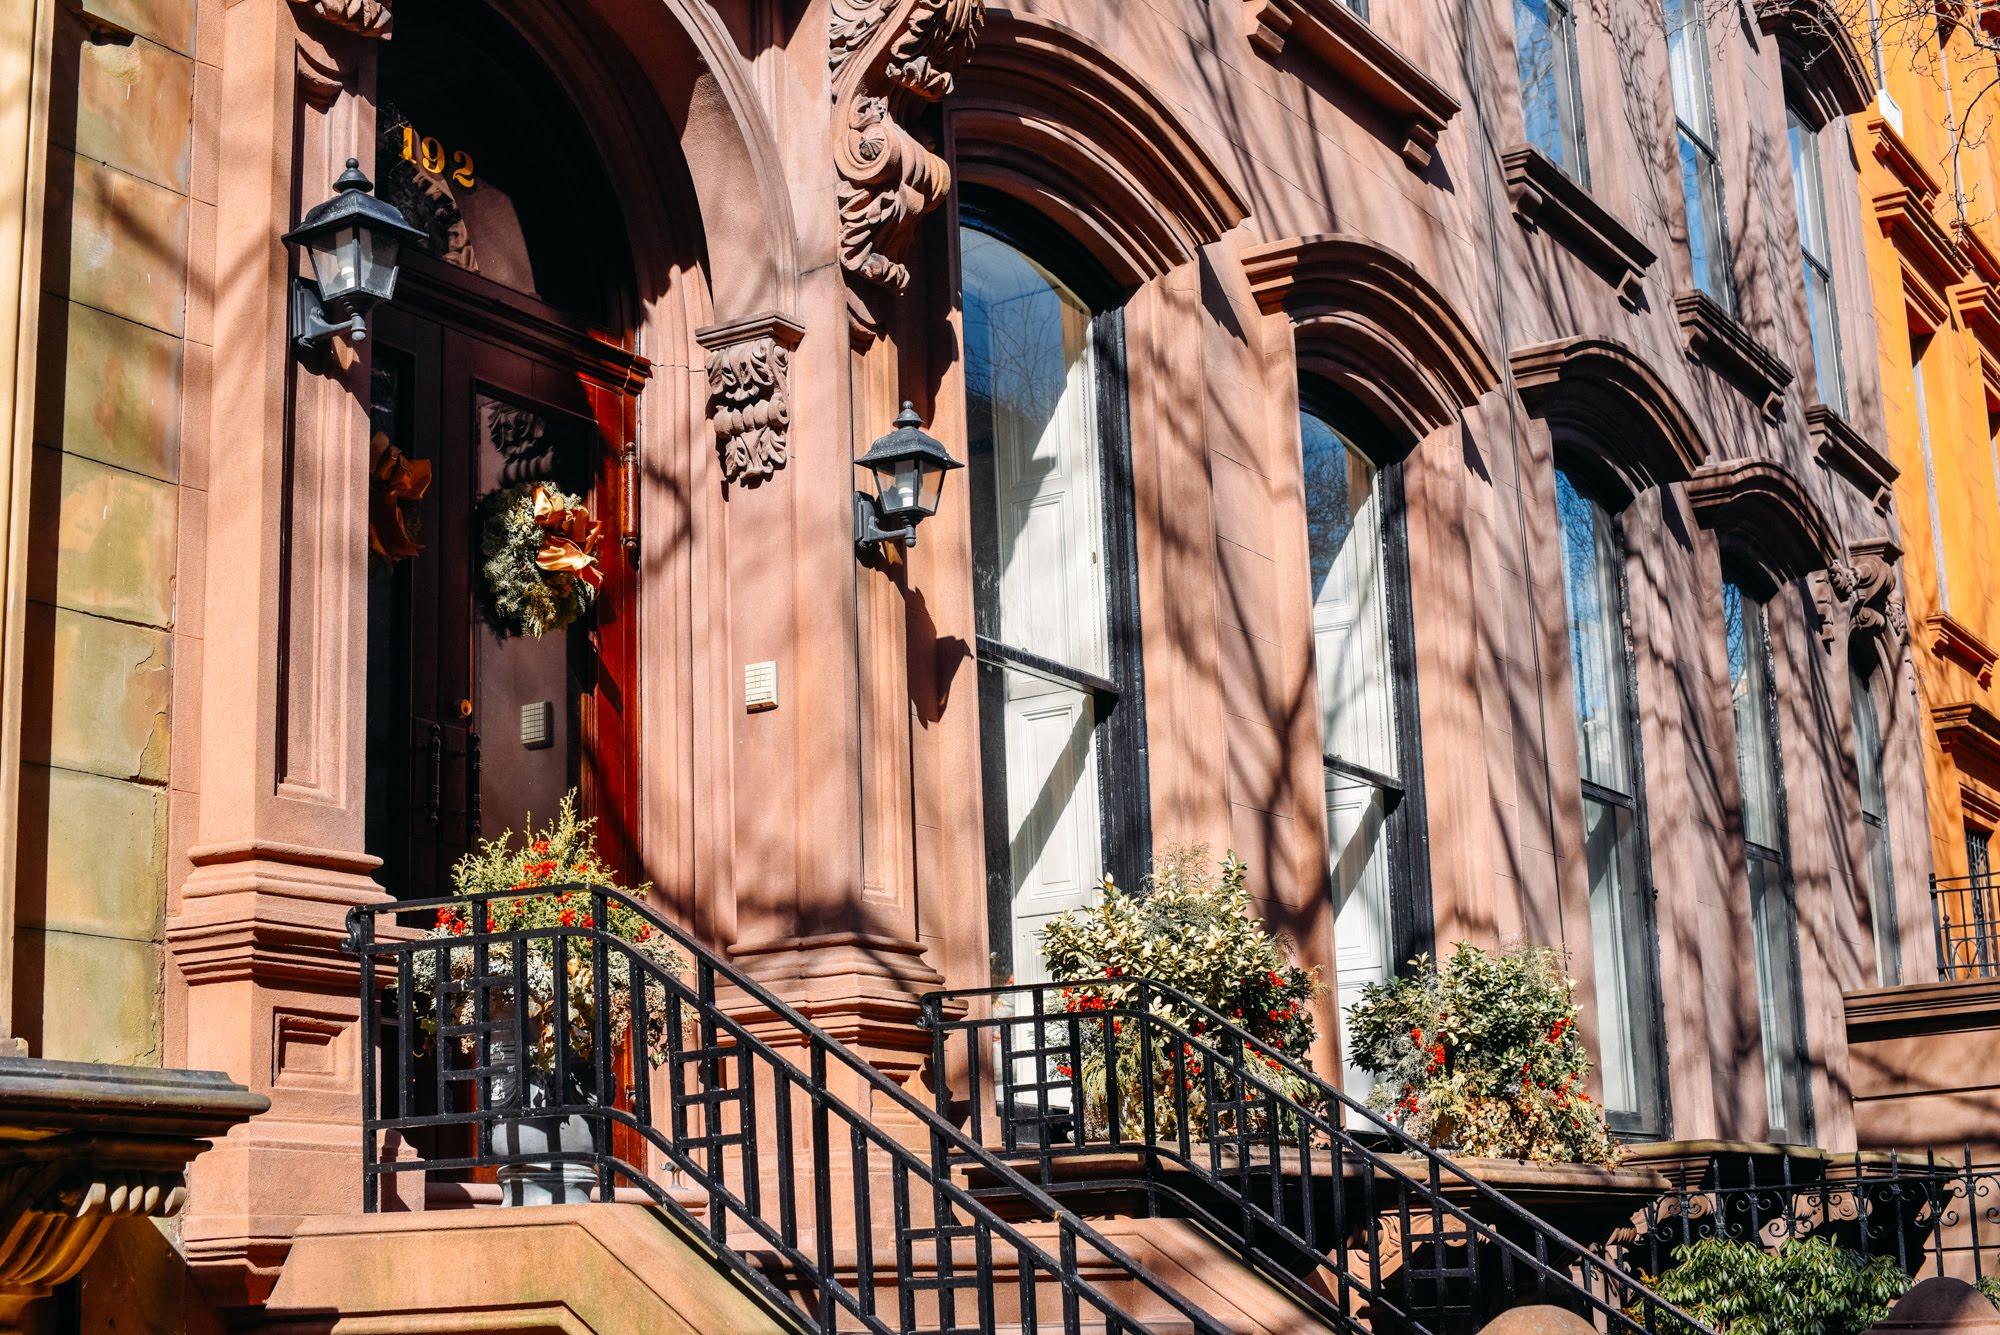 Fachada das casas no Brooklyn